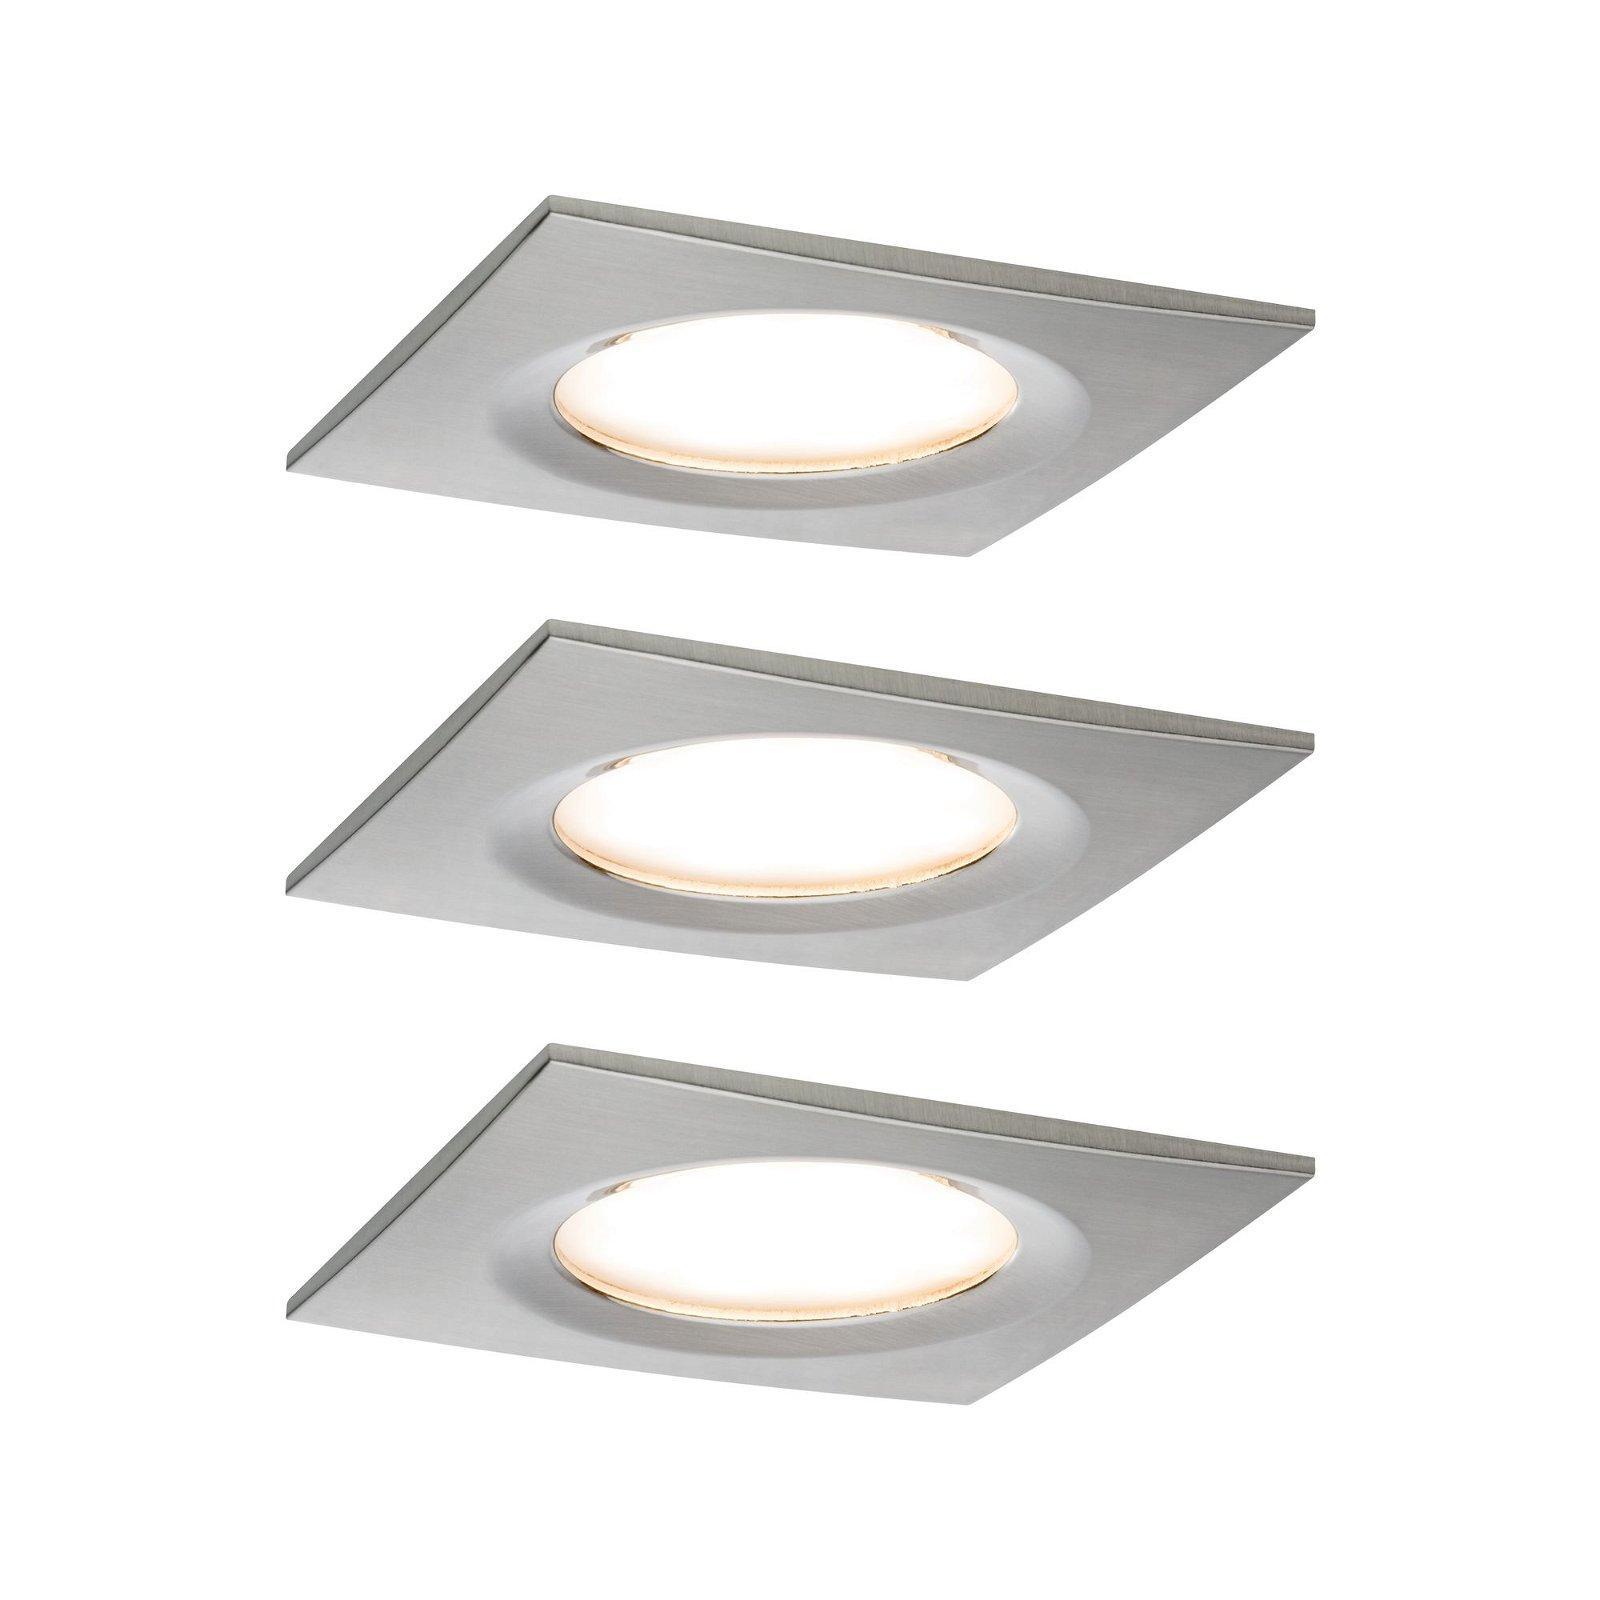 Premium LED Einbauleuchte Slim 3er-Set starr IP44 eckig 78x78mm Coin 3x6,8W 3x633lm 230V 2700K Eisen gebürstet